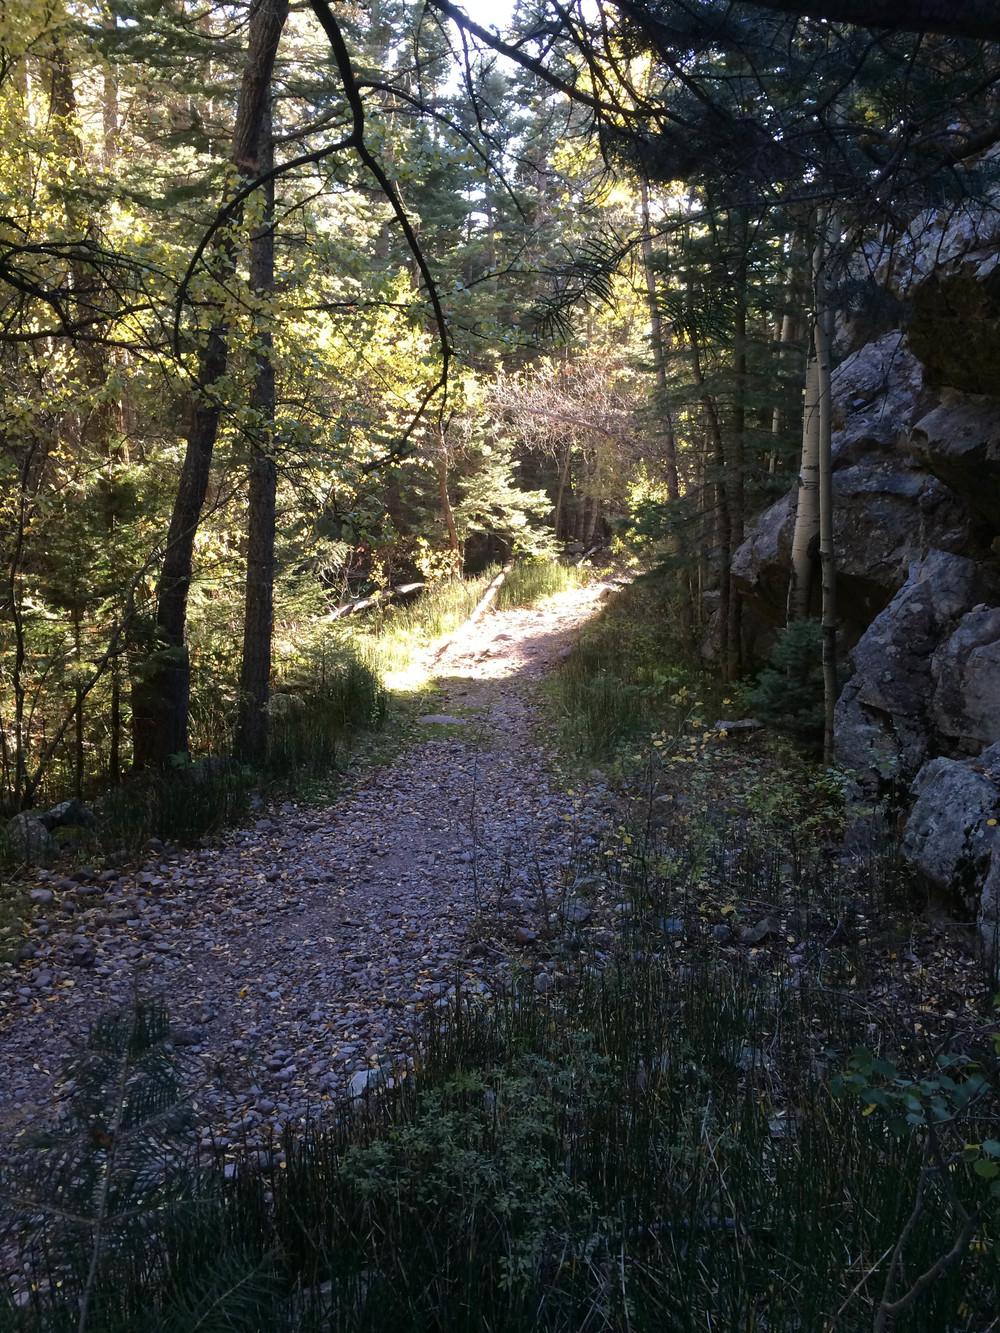 10-2-14 n.crestone trail 1-17-11.jpg